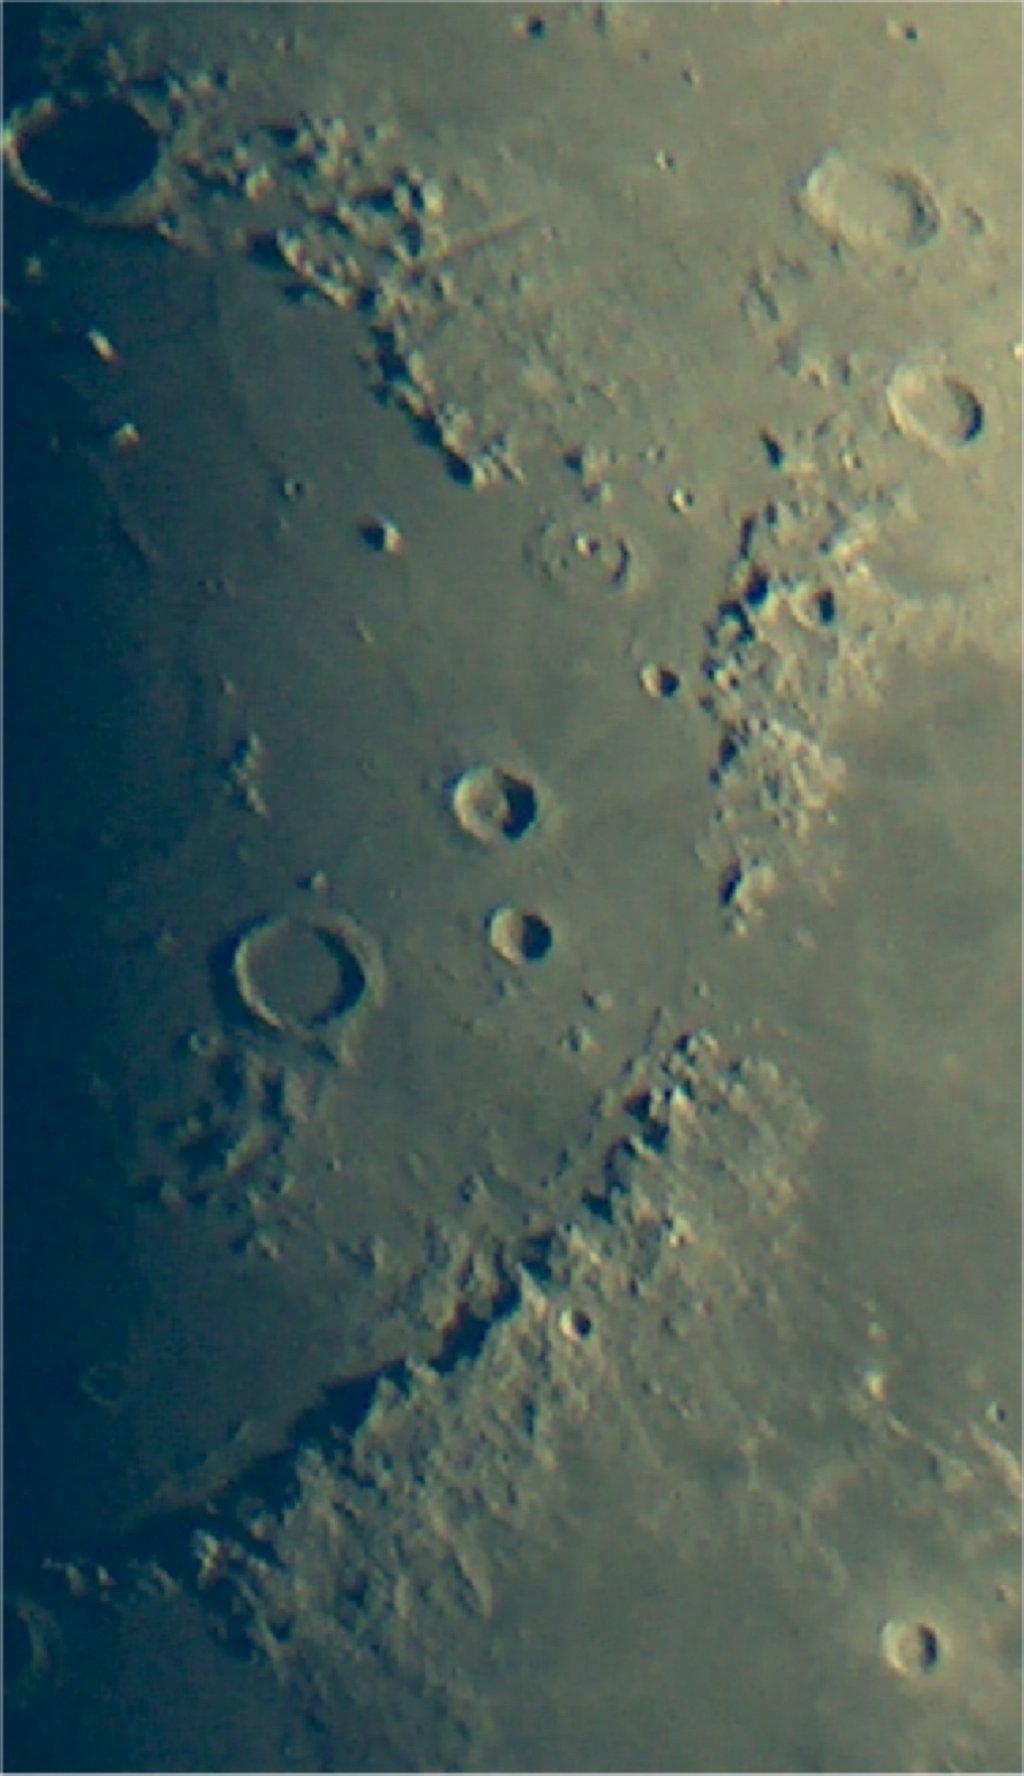 Mond14-7-05-1.jpg